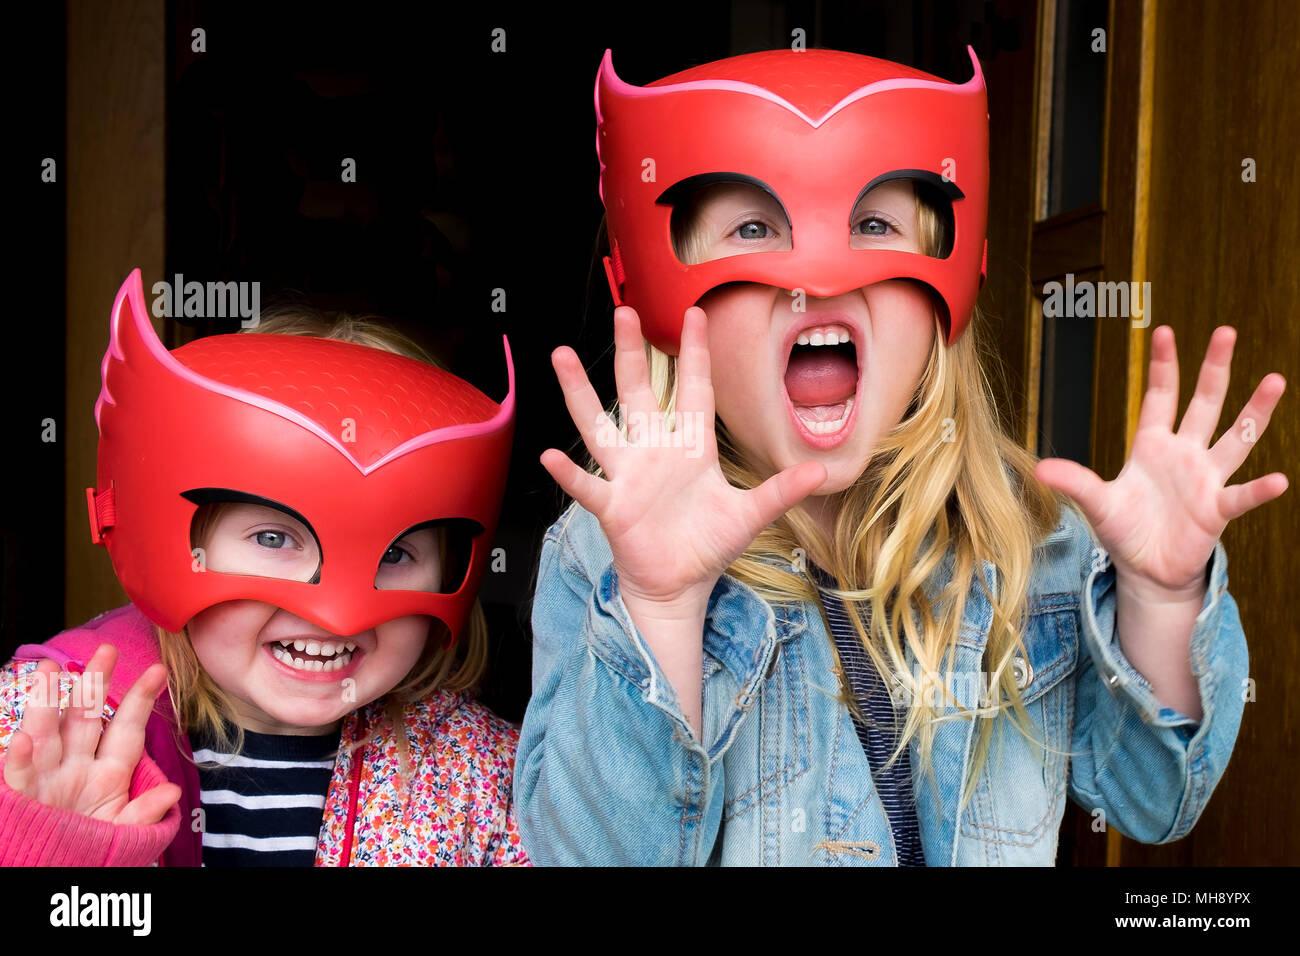 Niños jugando con máscaras. Foto de stock